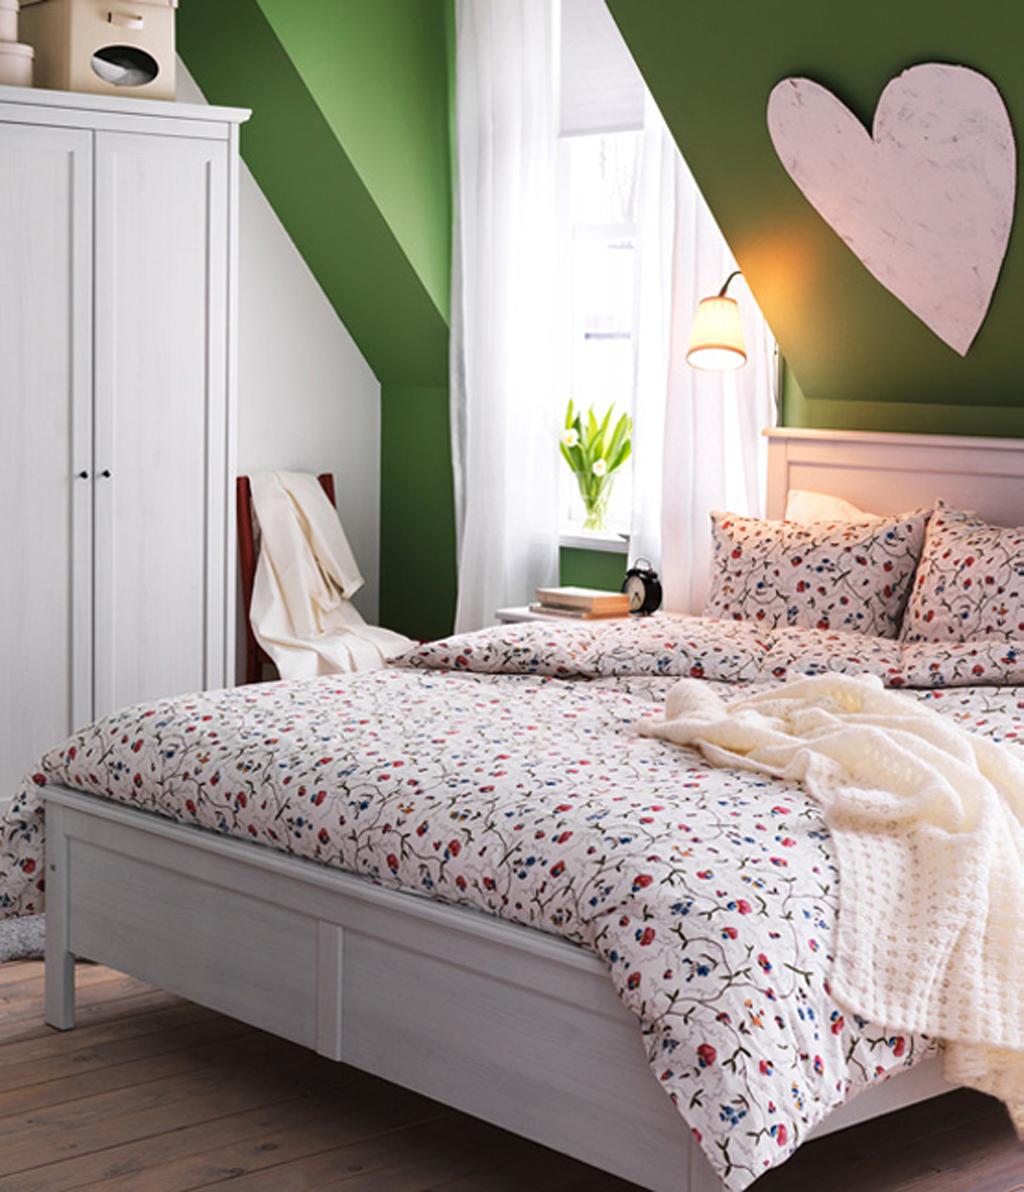 små-kids-værelses-loft-loft-grøn-farvede-væg-hvid-træ-platform-bed-soft-bed-sheets-ikea-chic-hvid-blomstret-print-polyester-twin-dyne-matching-floral- mønster-pude-sham-hvid-træ